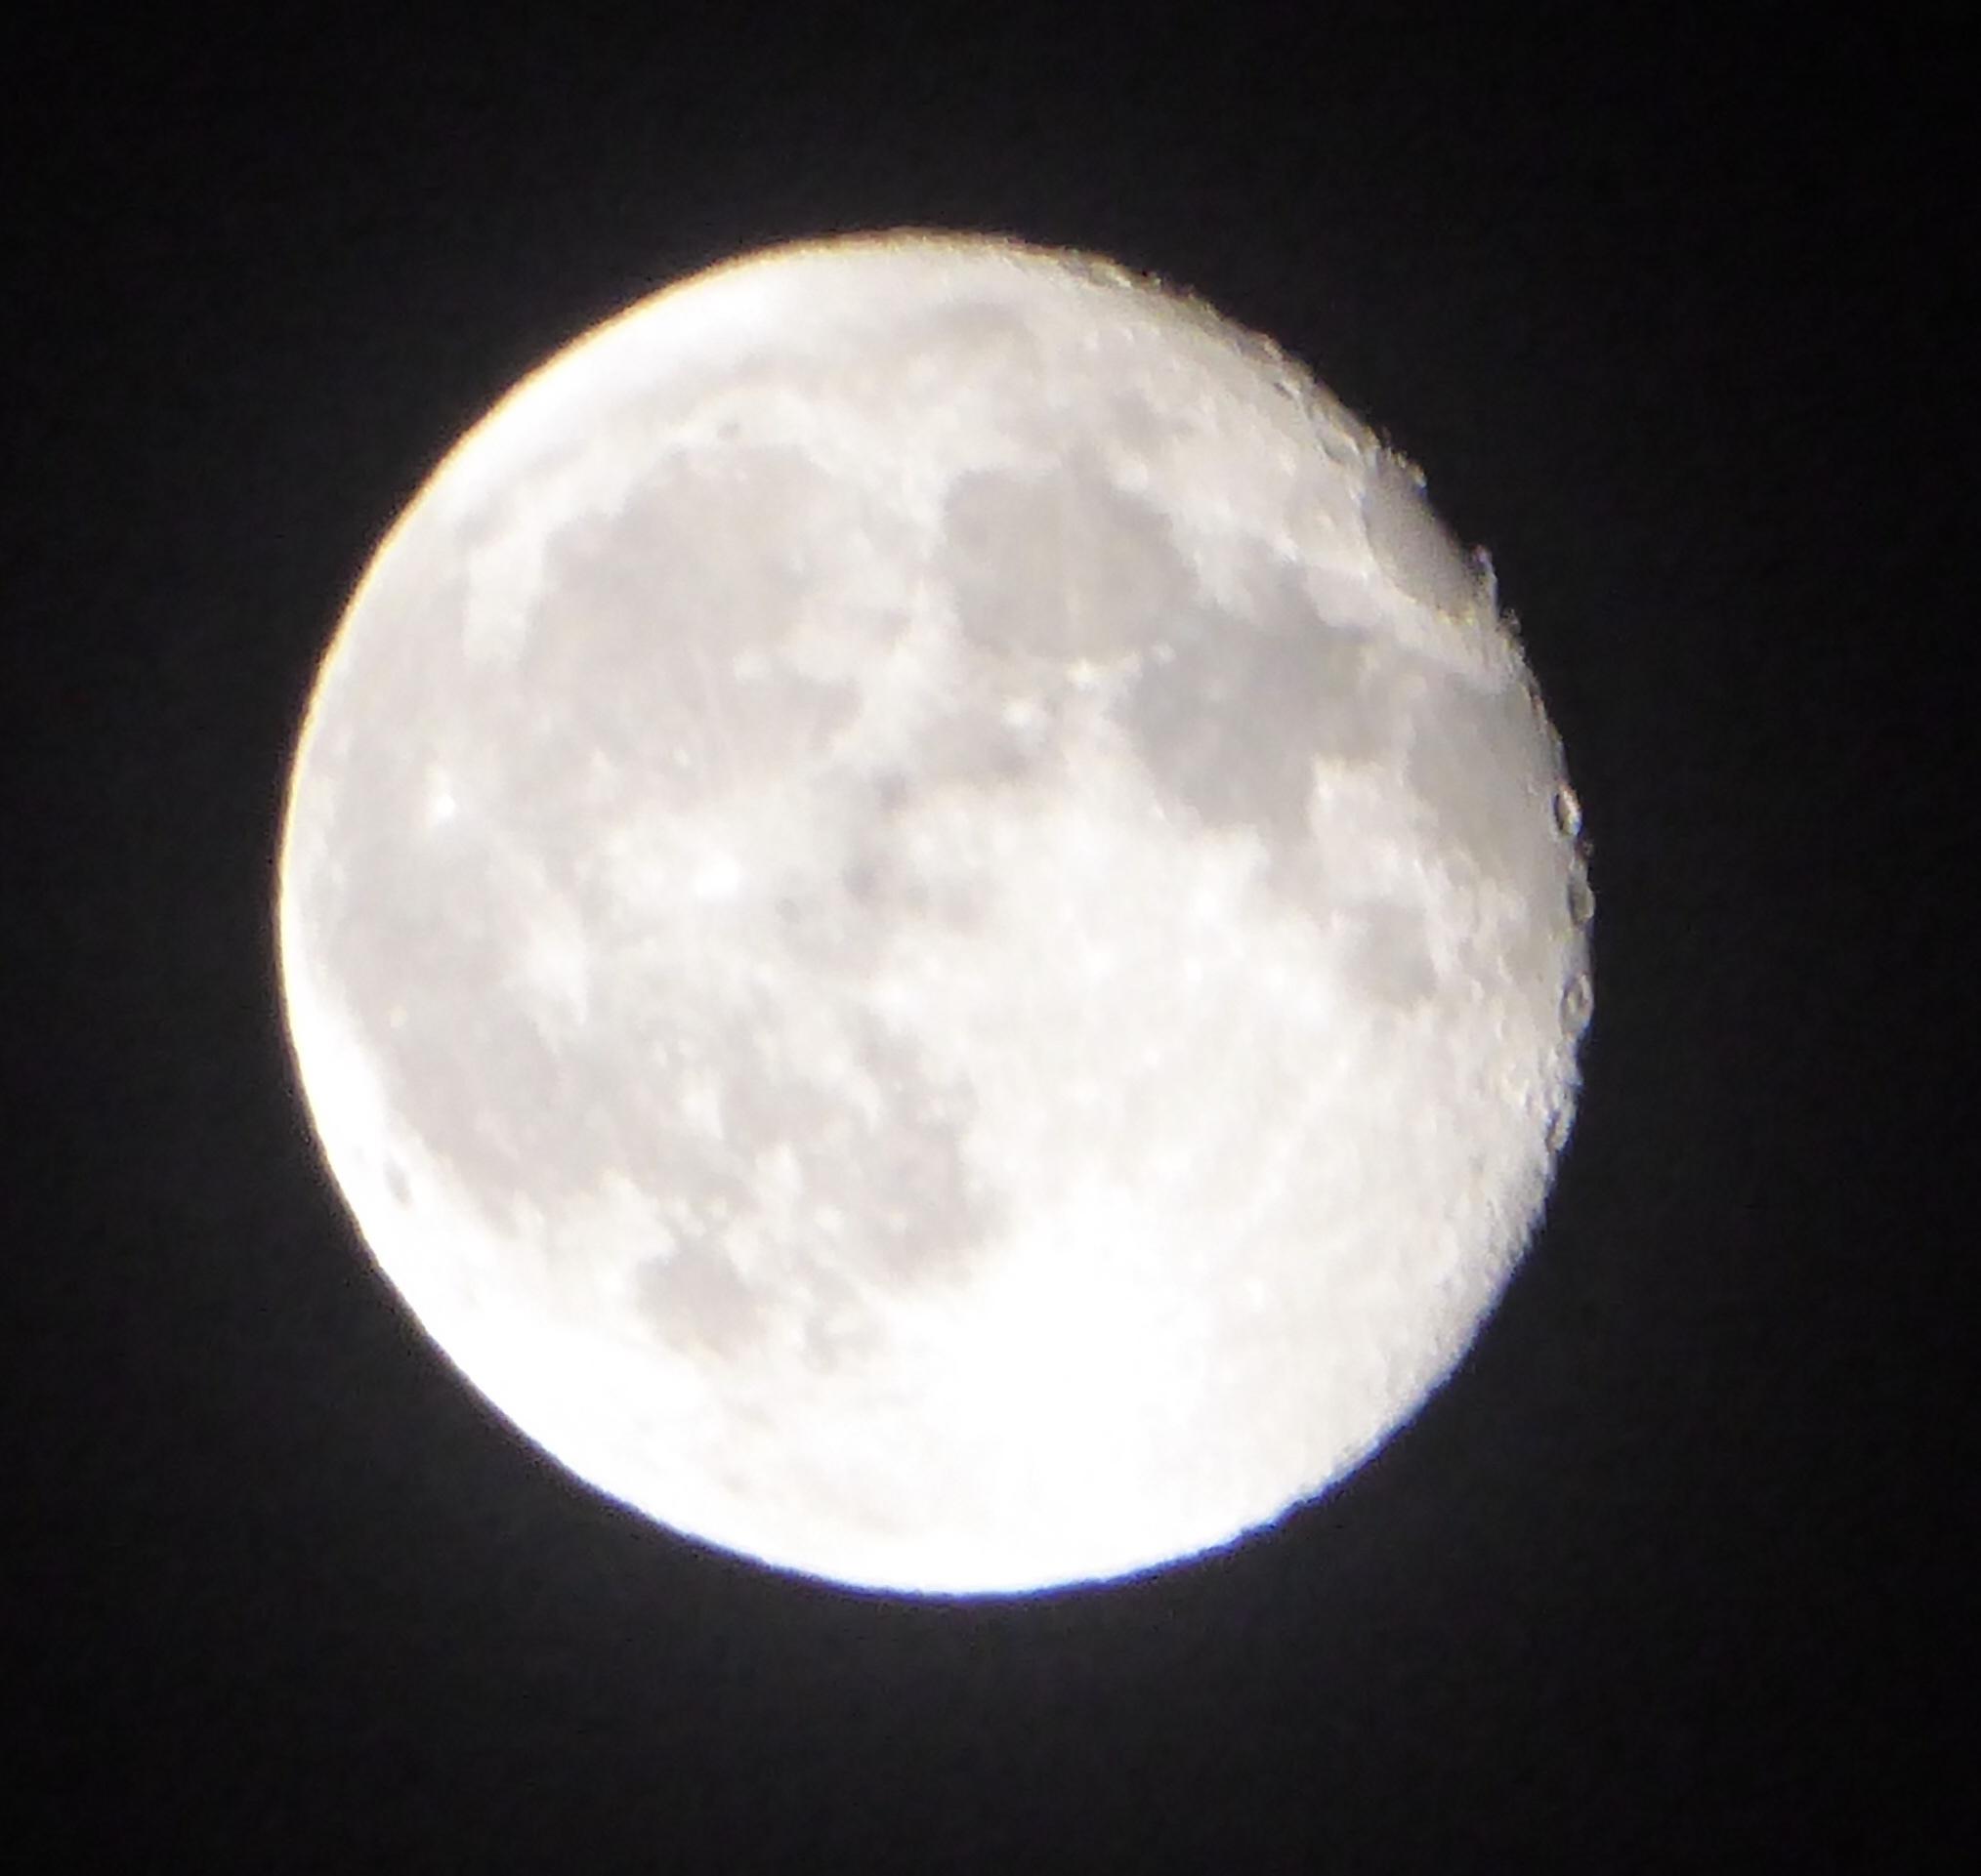 十六夜月にはクレーターが見えました。_a0050728_22405676.jpeg